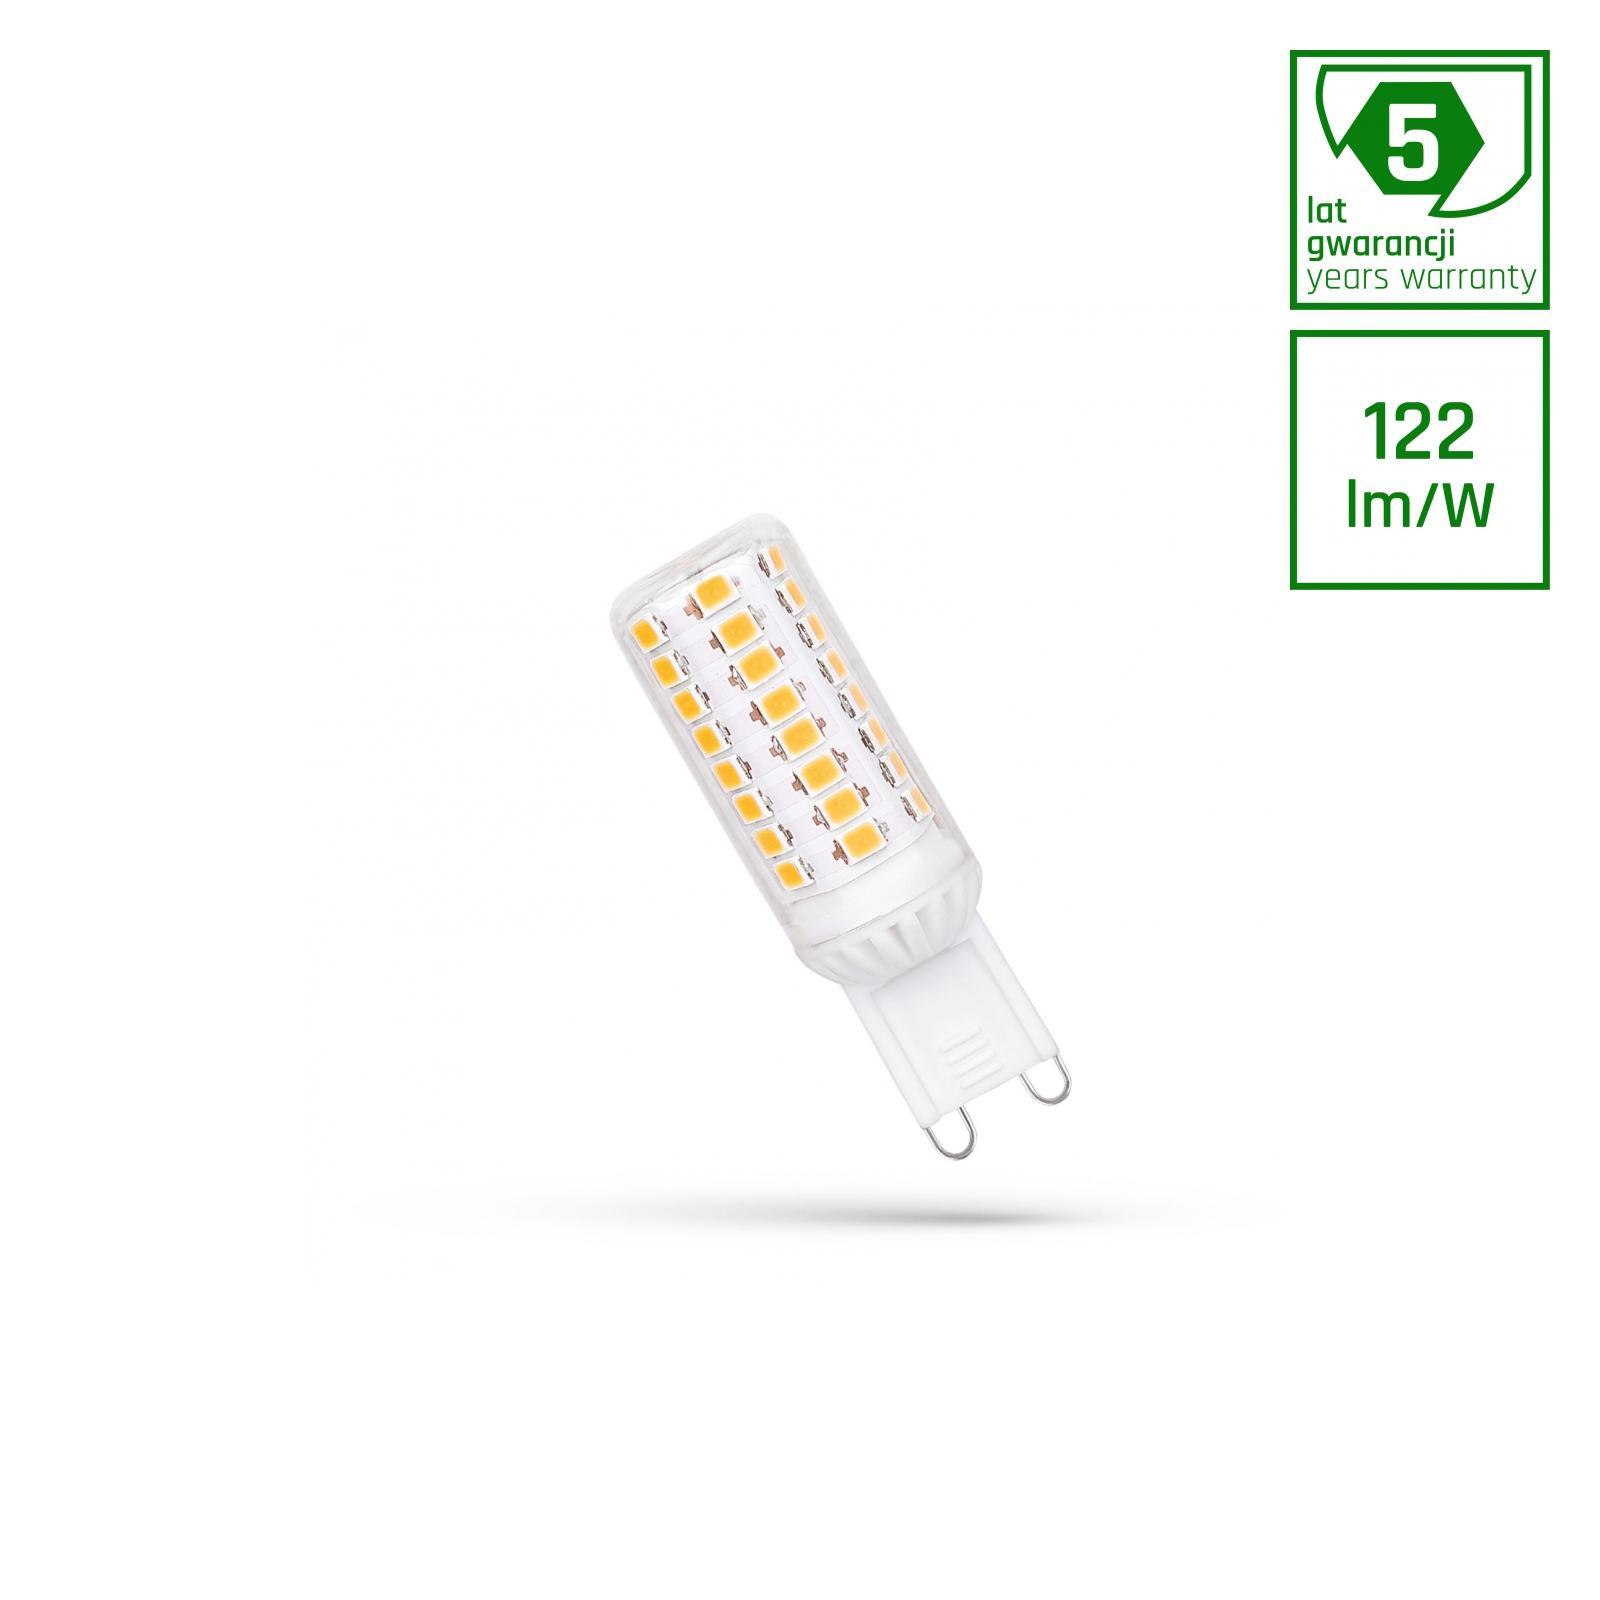 LED G9 230V 4.5W Studená bílá bíllá SMD 5 LAT PREMIUM SPECTRUM